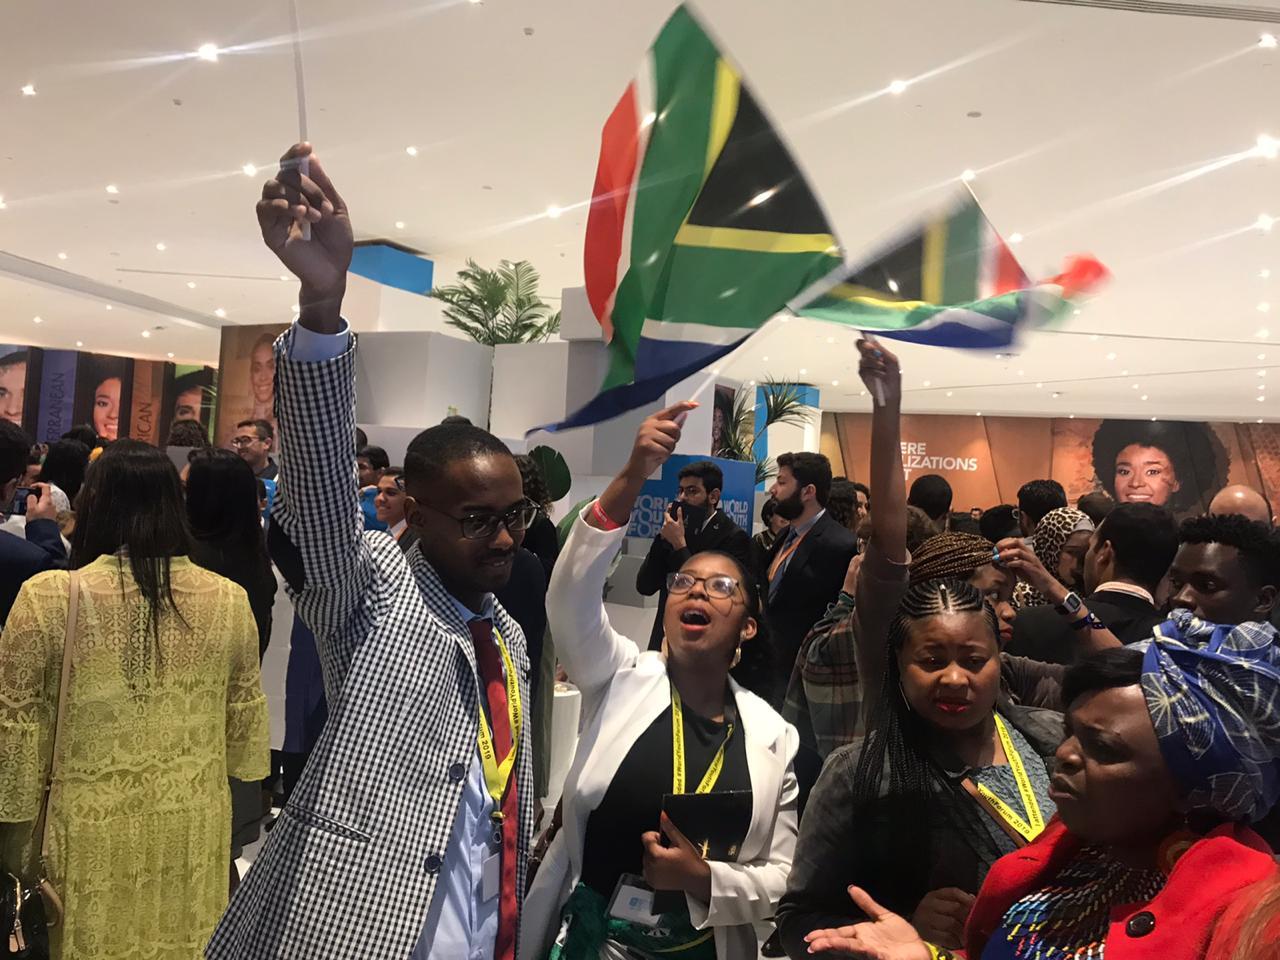 الشباب يرفعون الأعلام بعد انتهاء حفل الافتتاح بشرم (11)